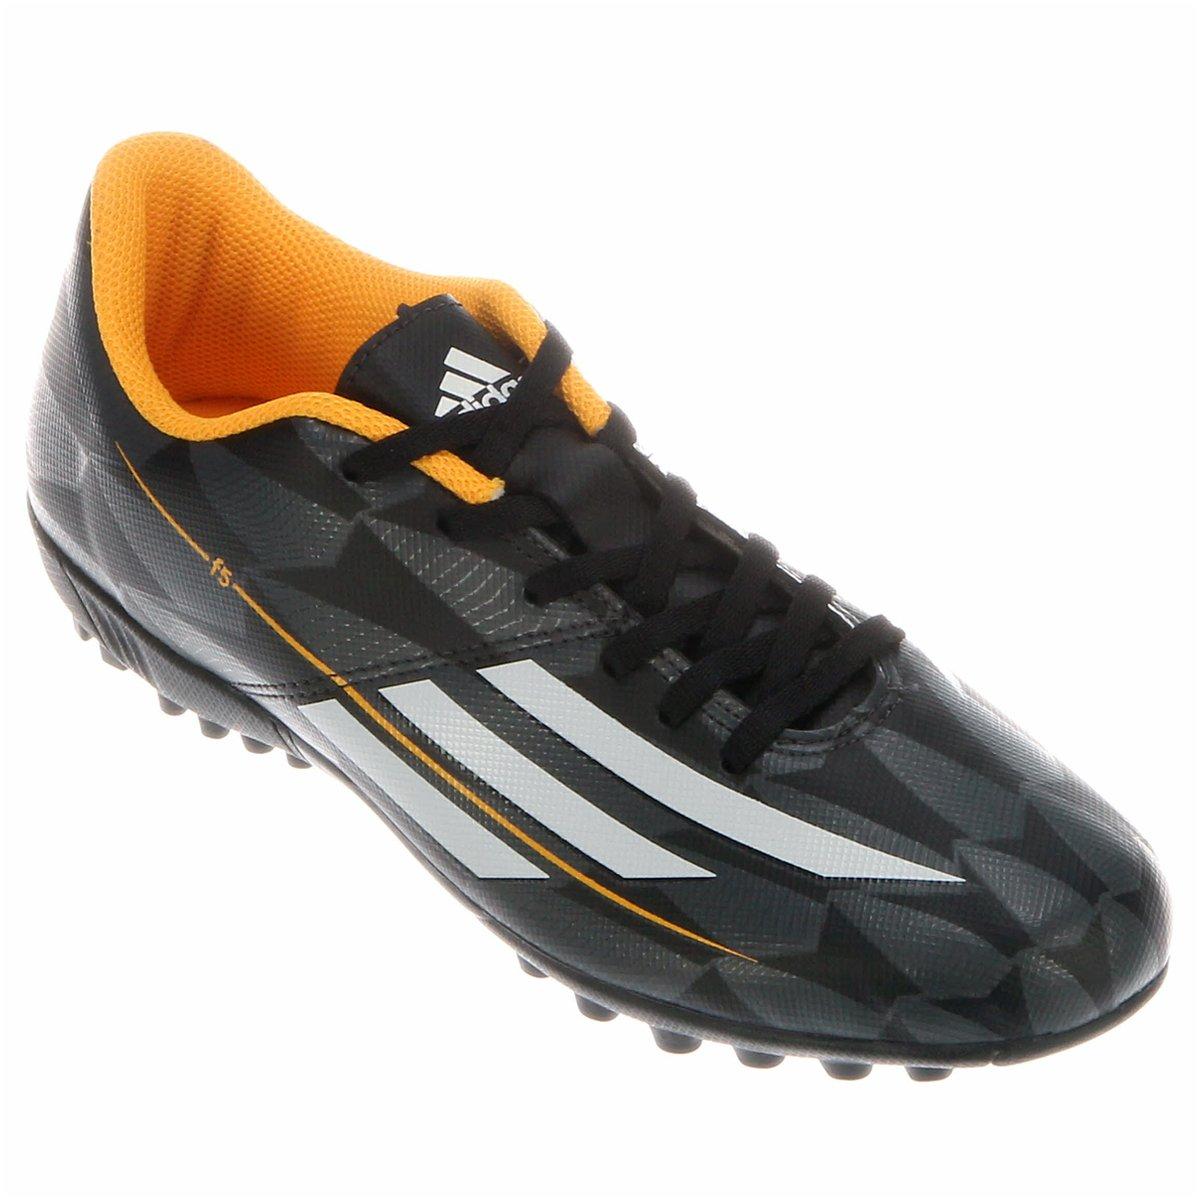 5ff4df1b54 Chuteira Adidas F5 TF - Compre Agora